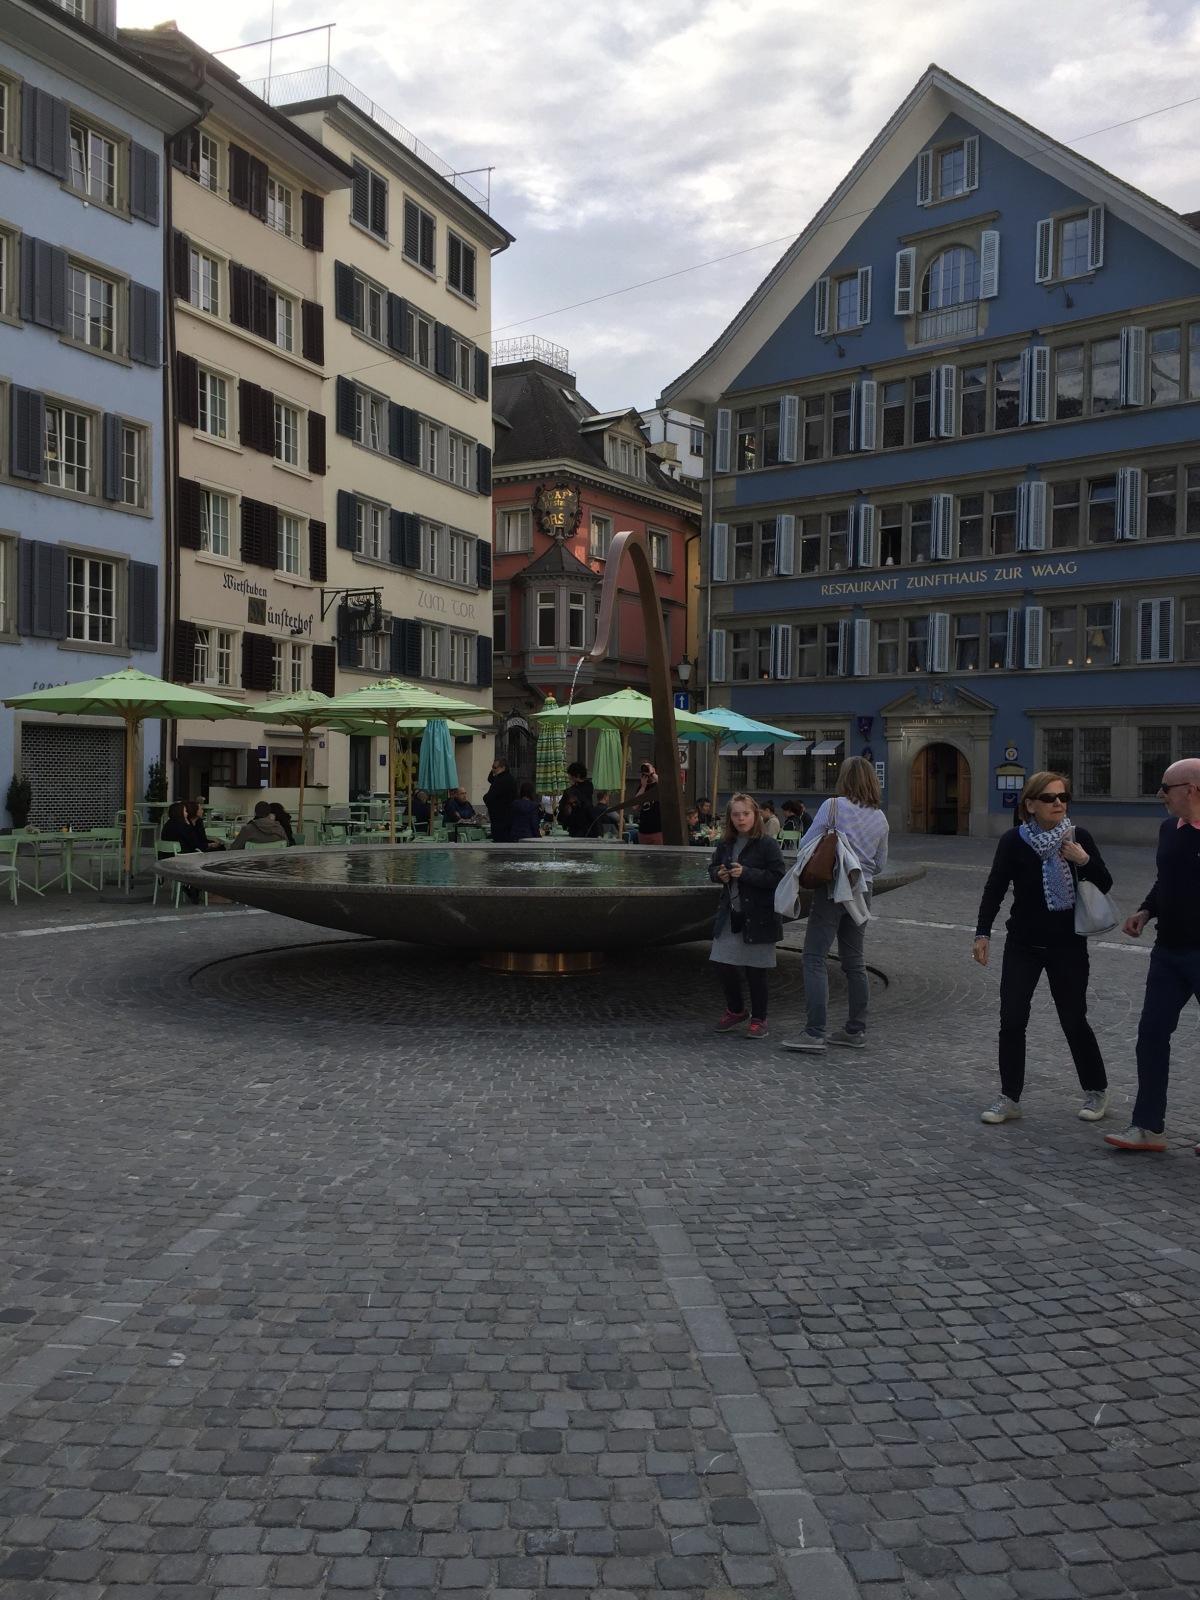 Lichtenstein to Zurich Switzerland